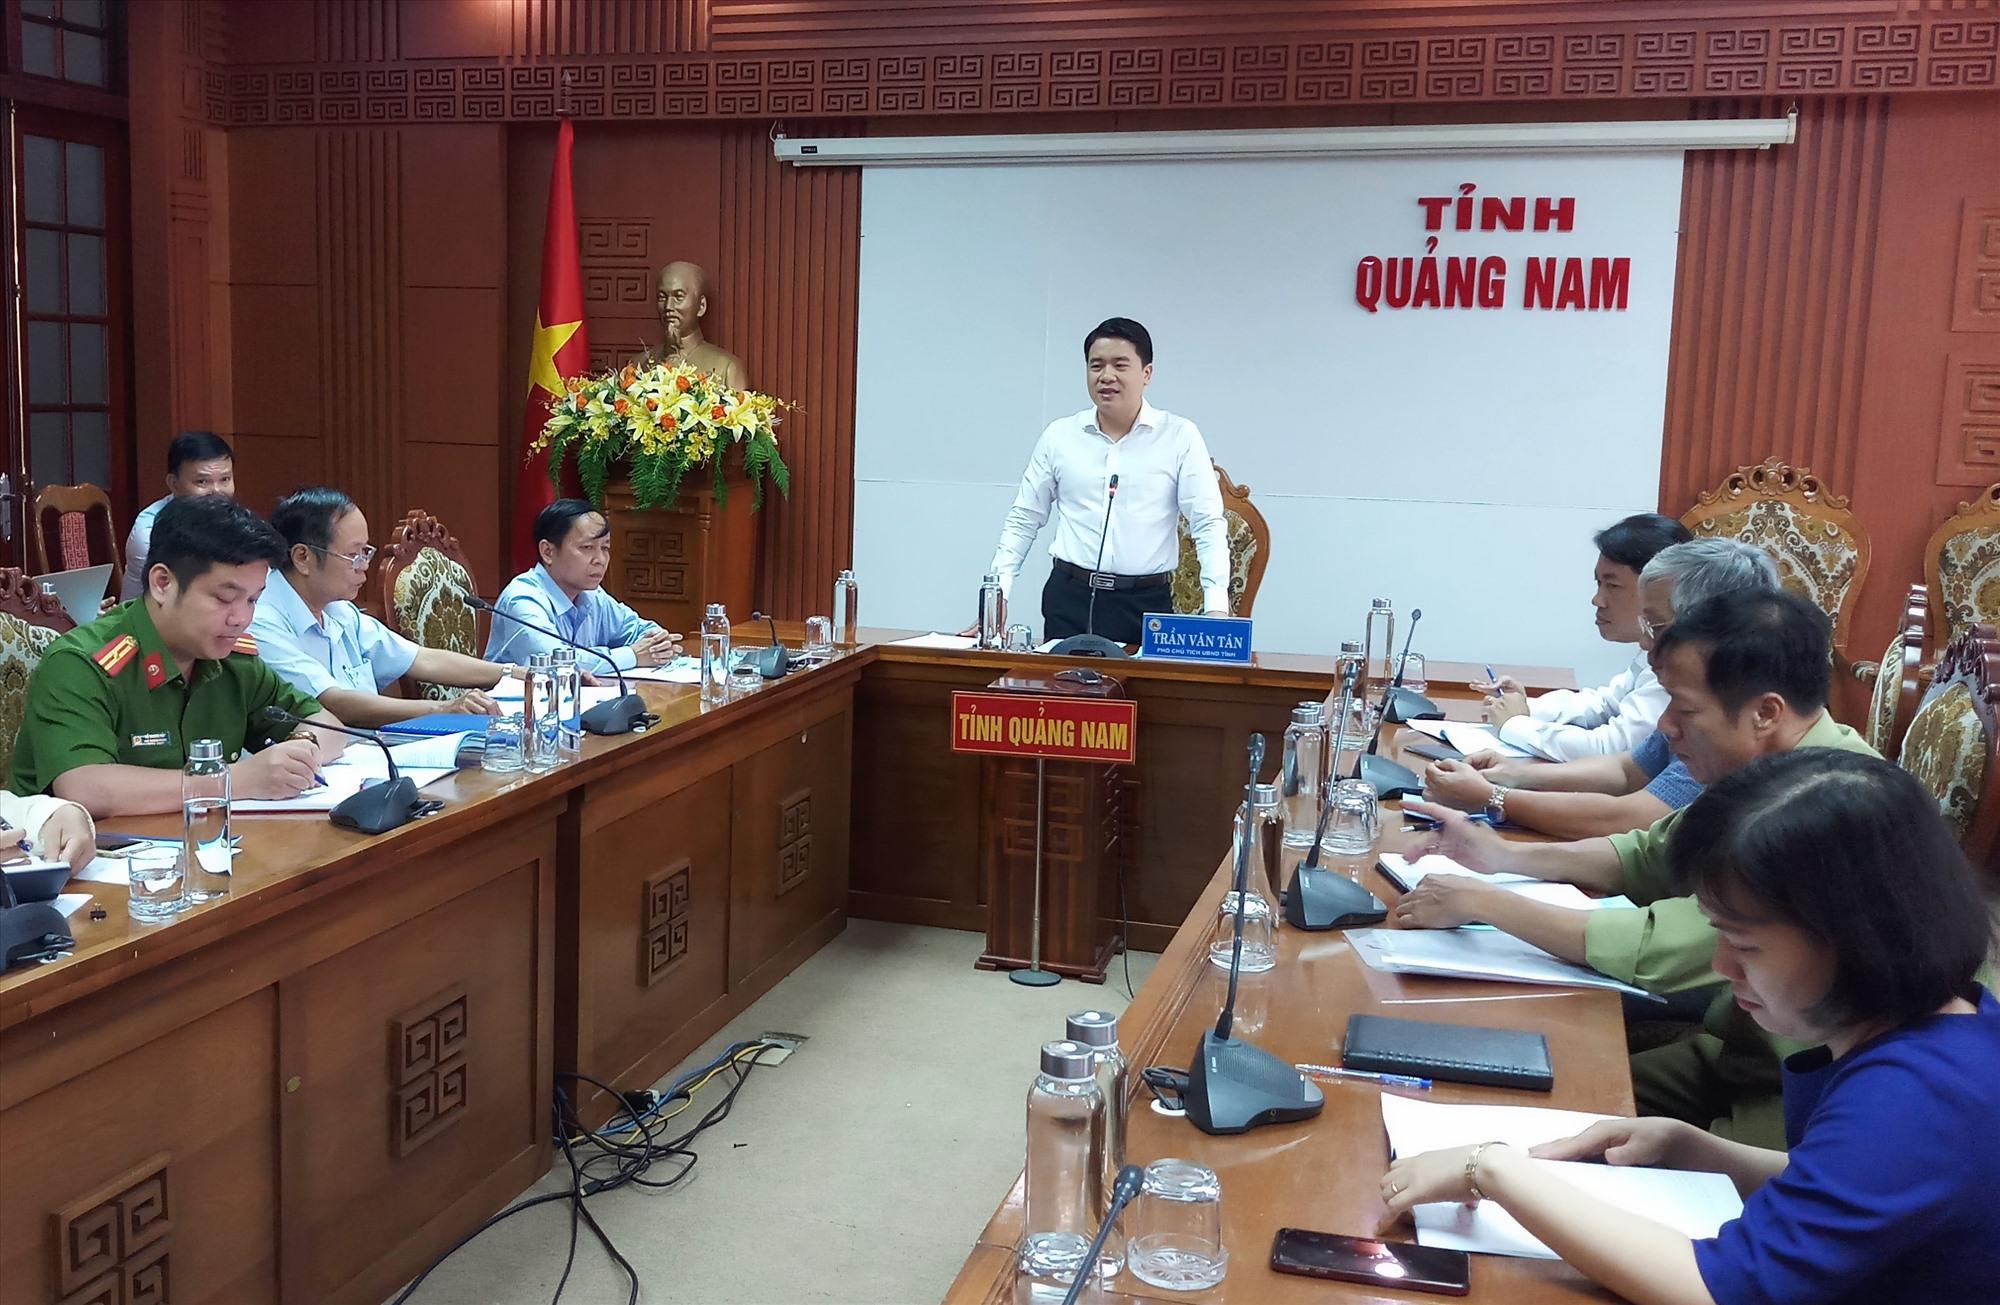 Phó Chủ tịch UBND tỉnh Trần Văn Tân phát biểu tại buổi làm việc. Ảnh: ALĂNG NGƯỚC